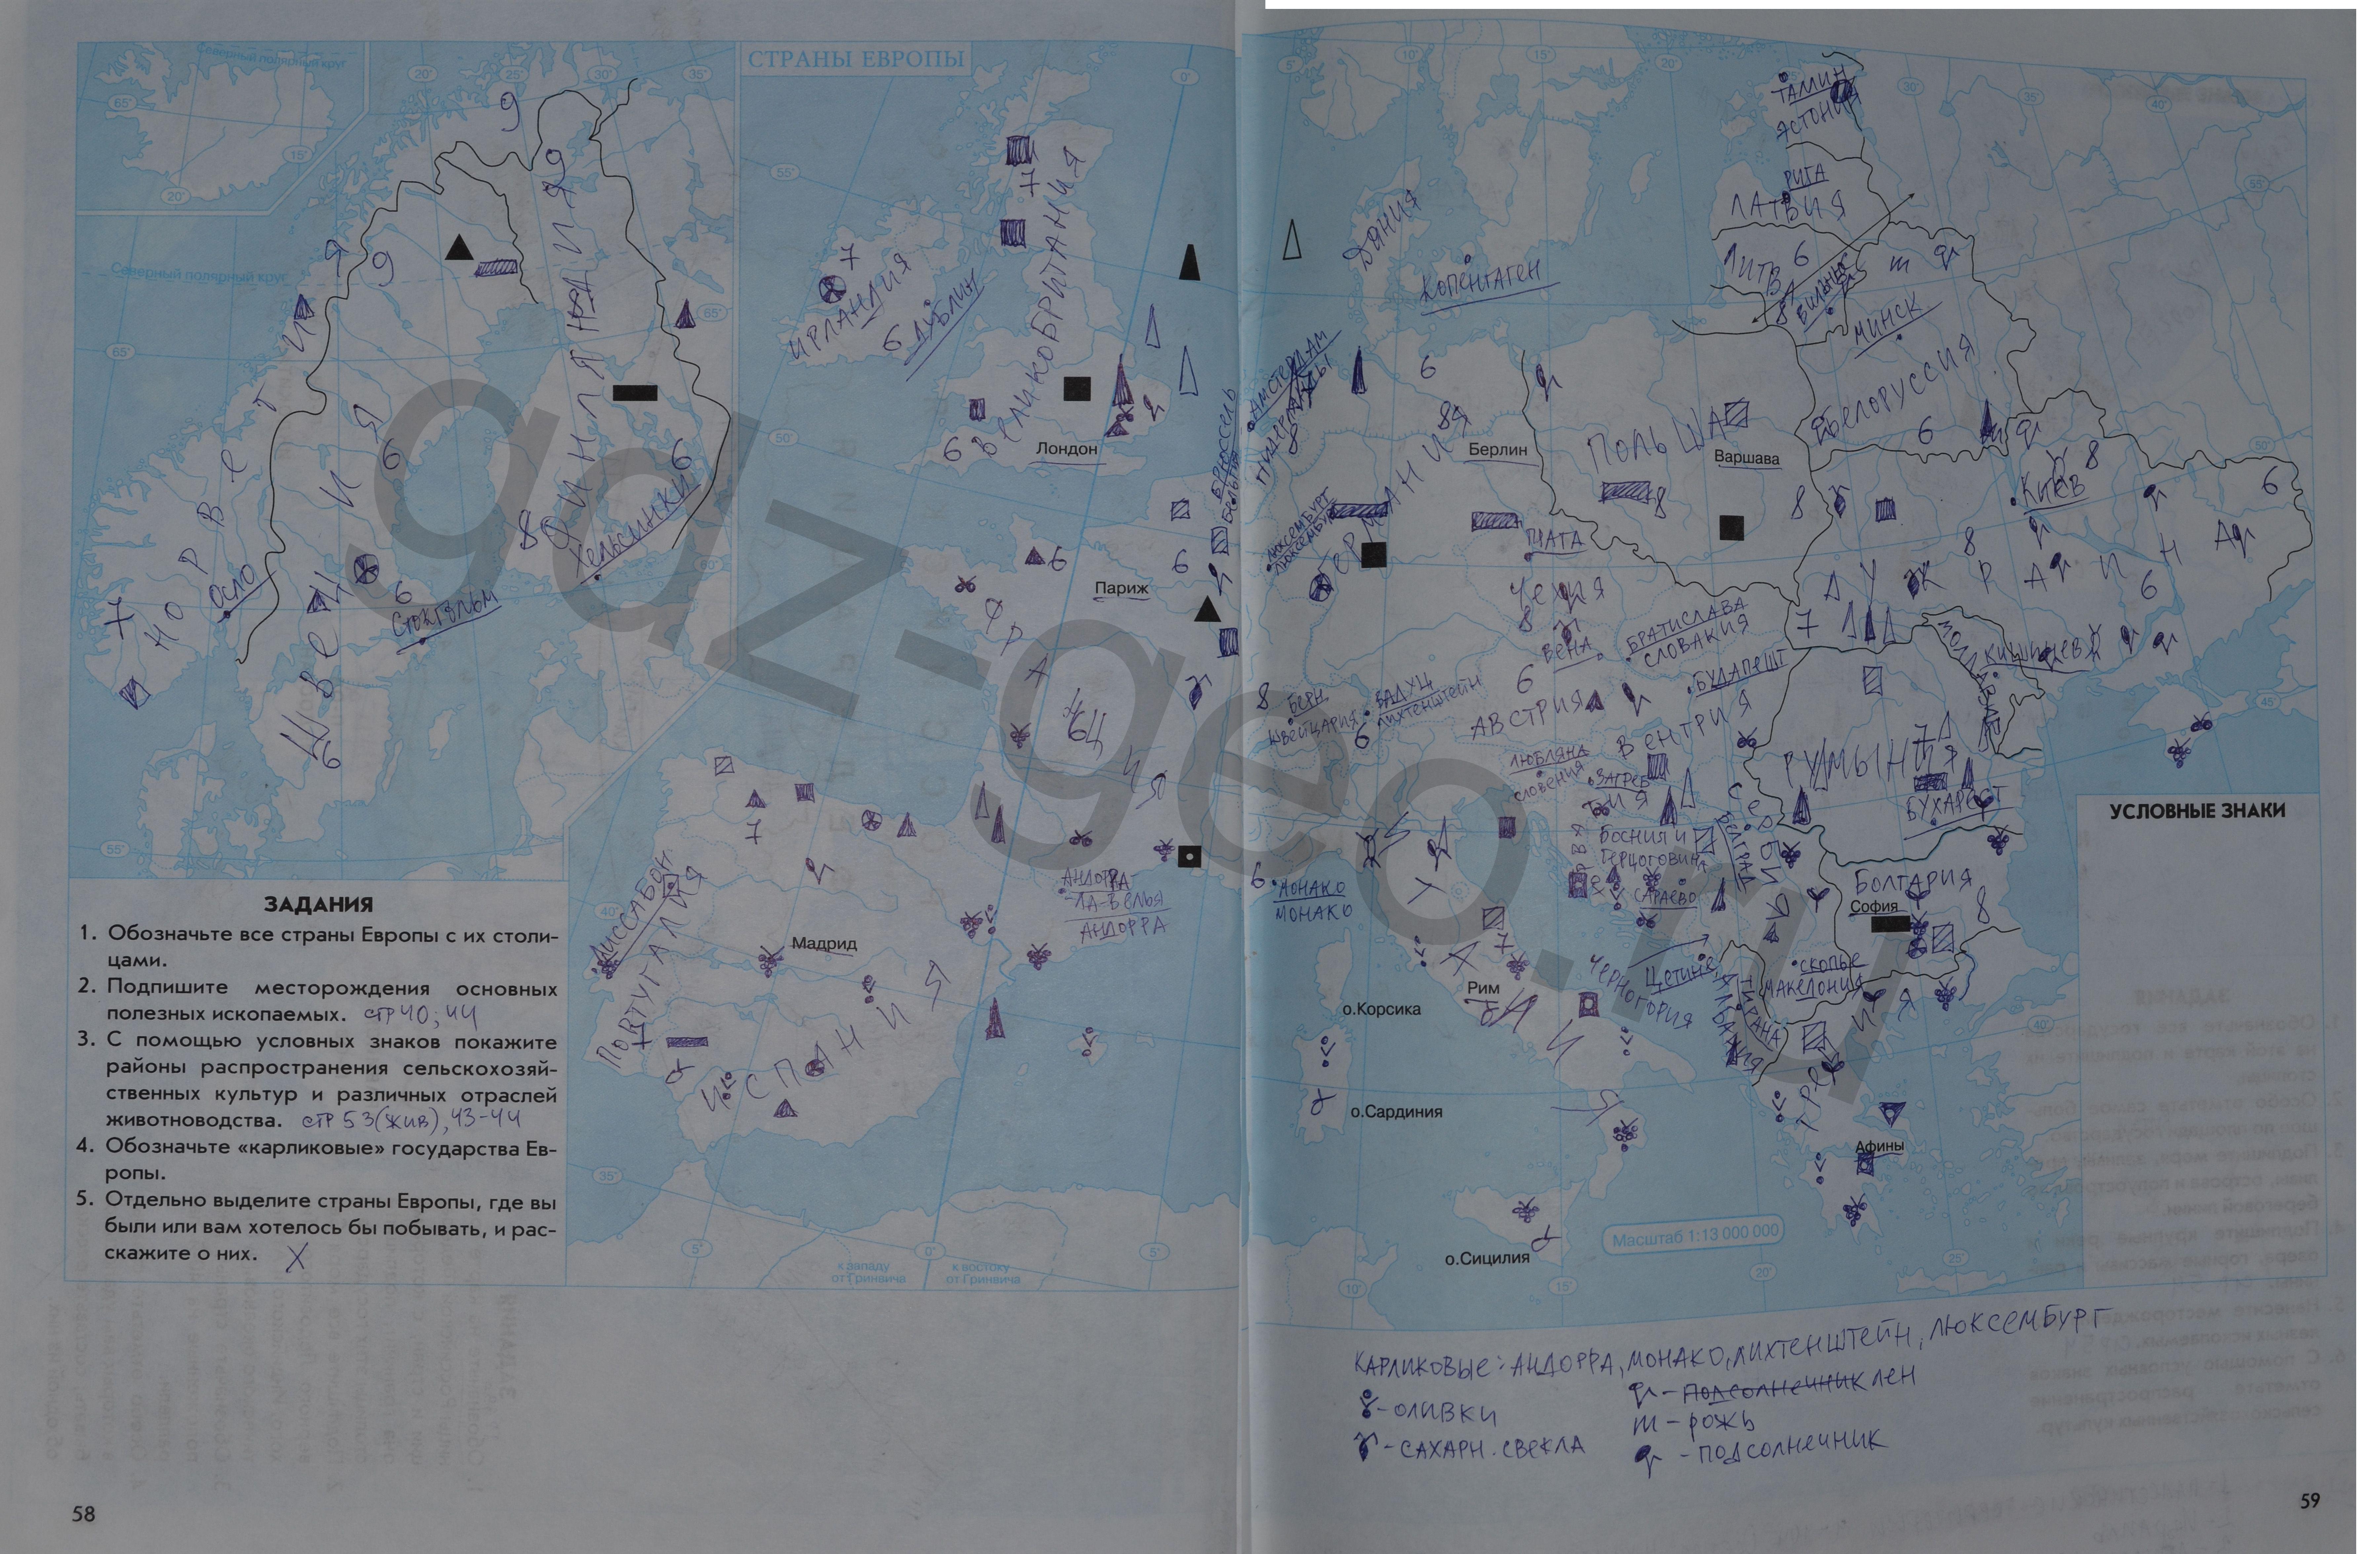 в контурных по сиротин 10 класс картах гдз географии